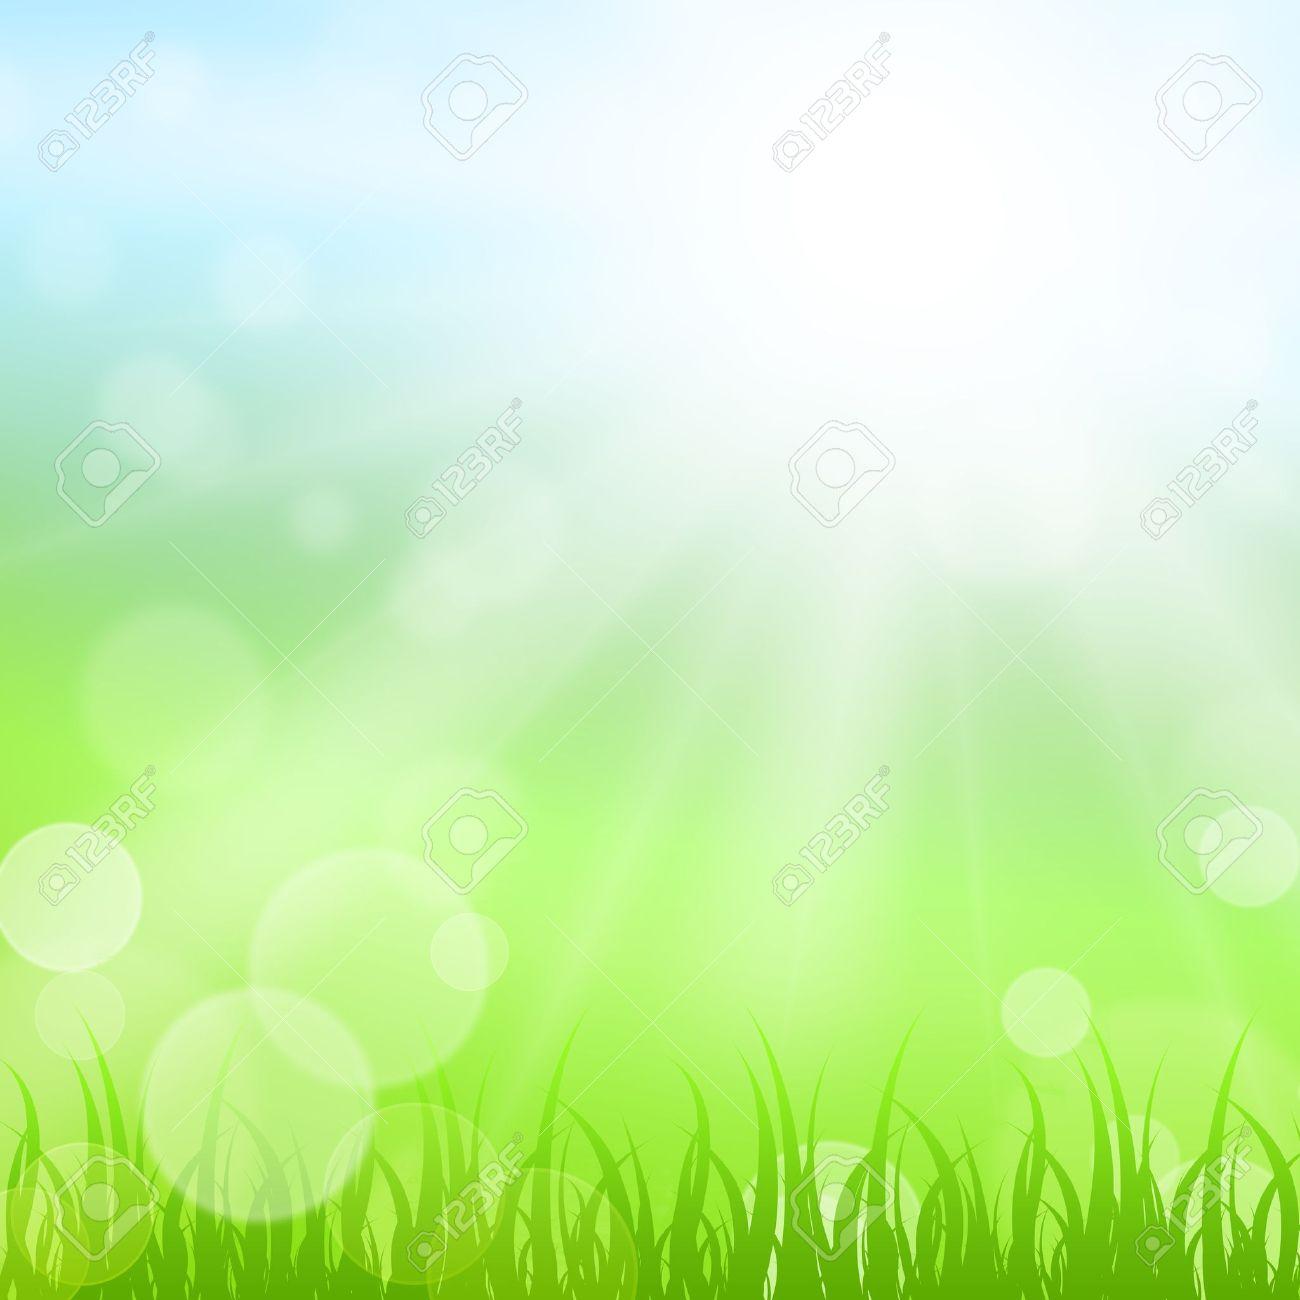 Sunny nature background Stock Photo - 18372166